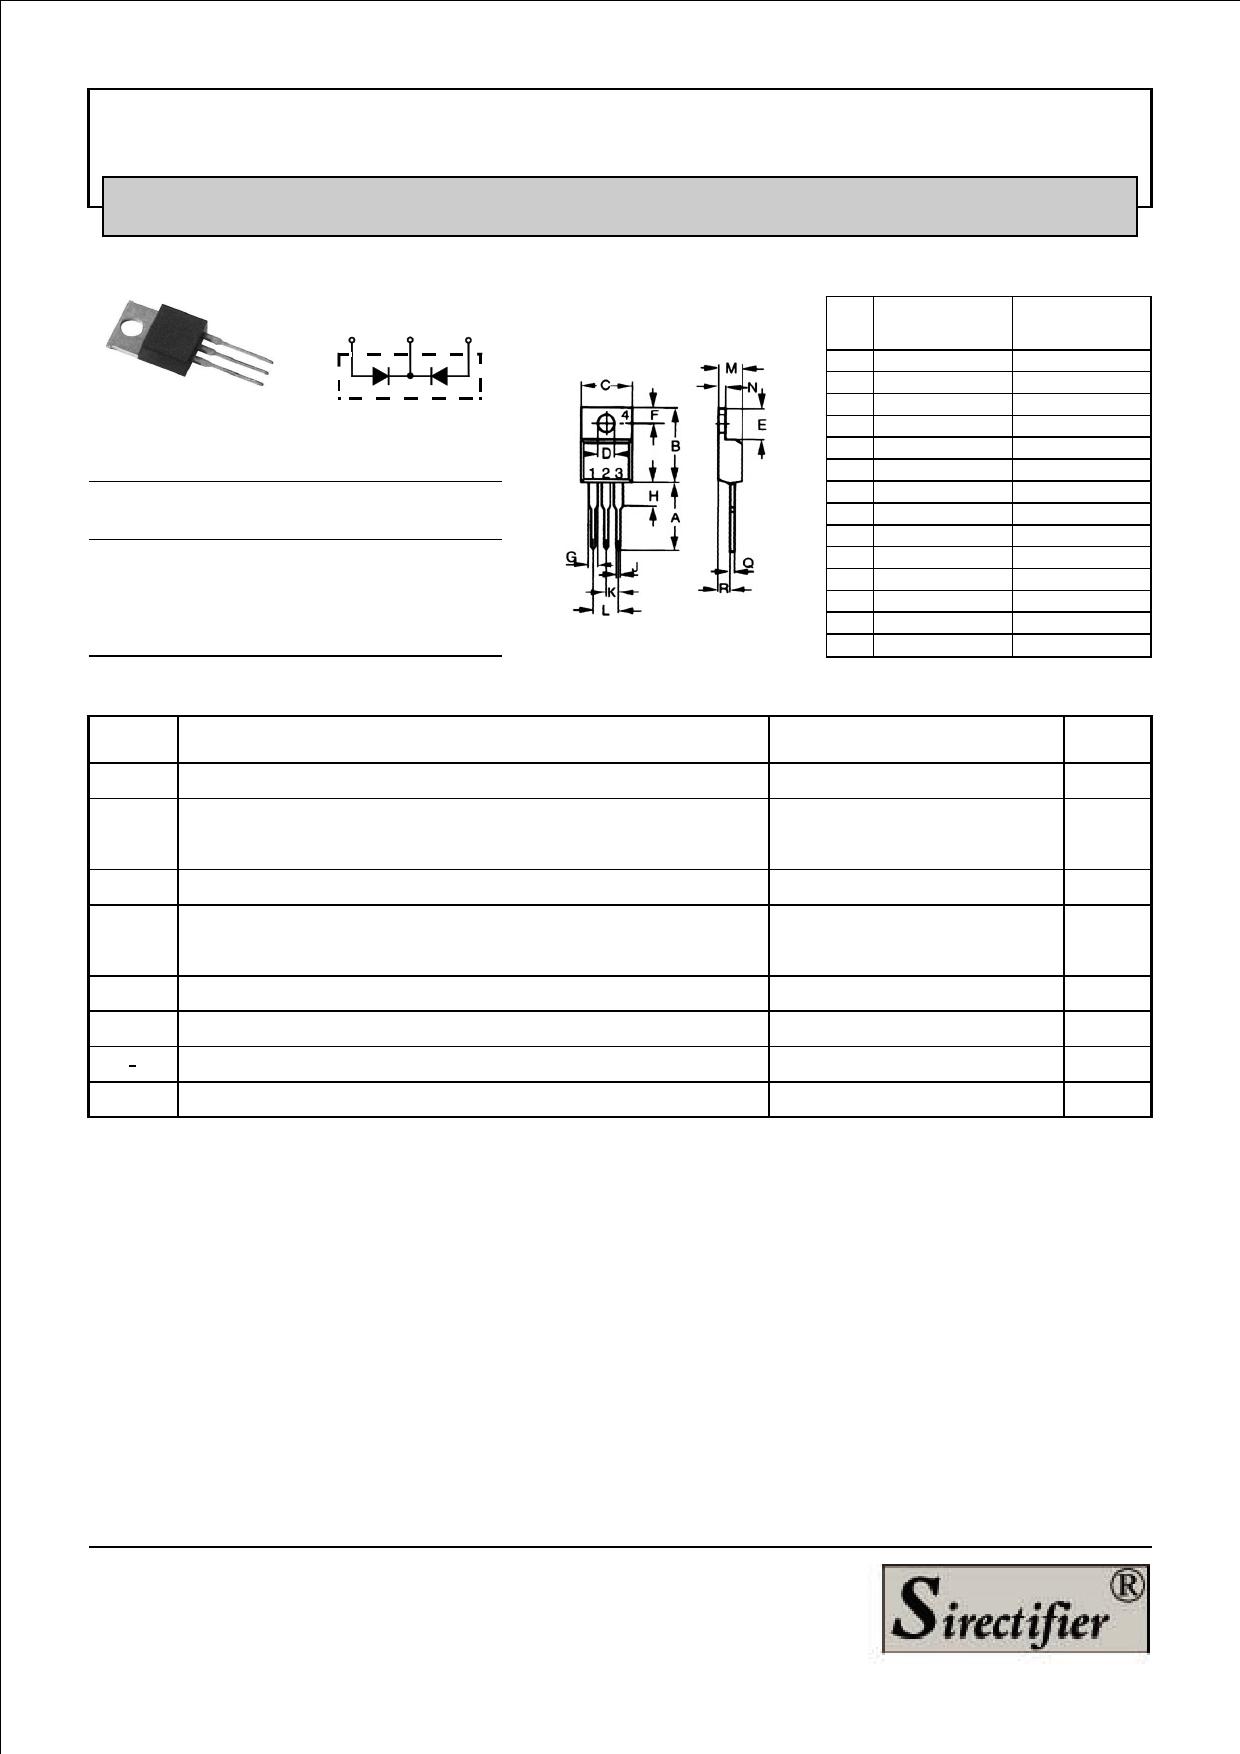 STPRF1610CT Datasheet